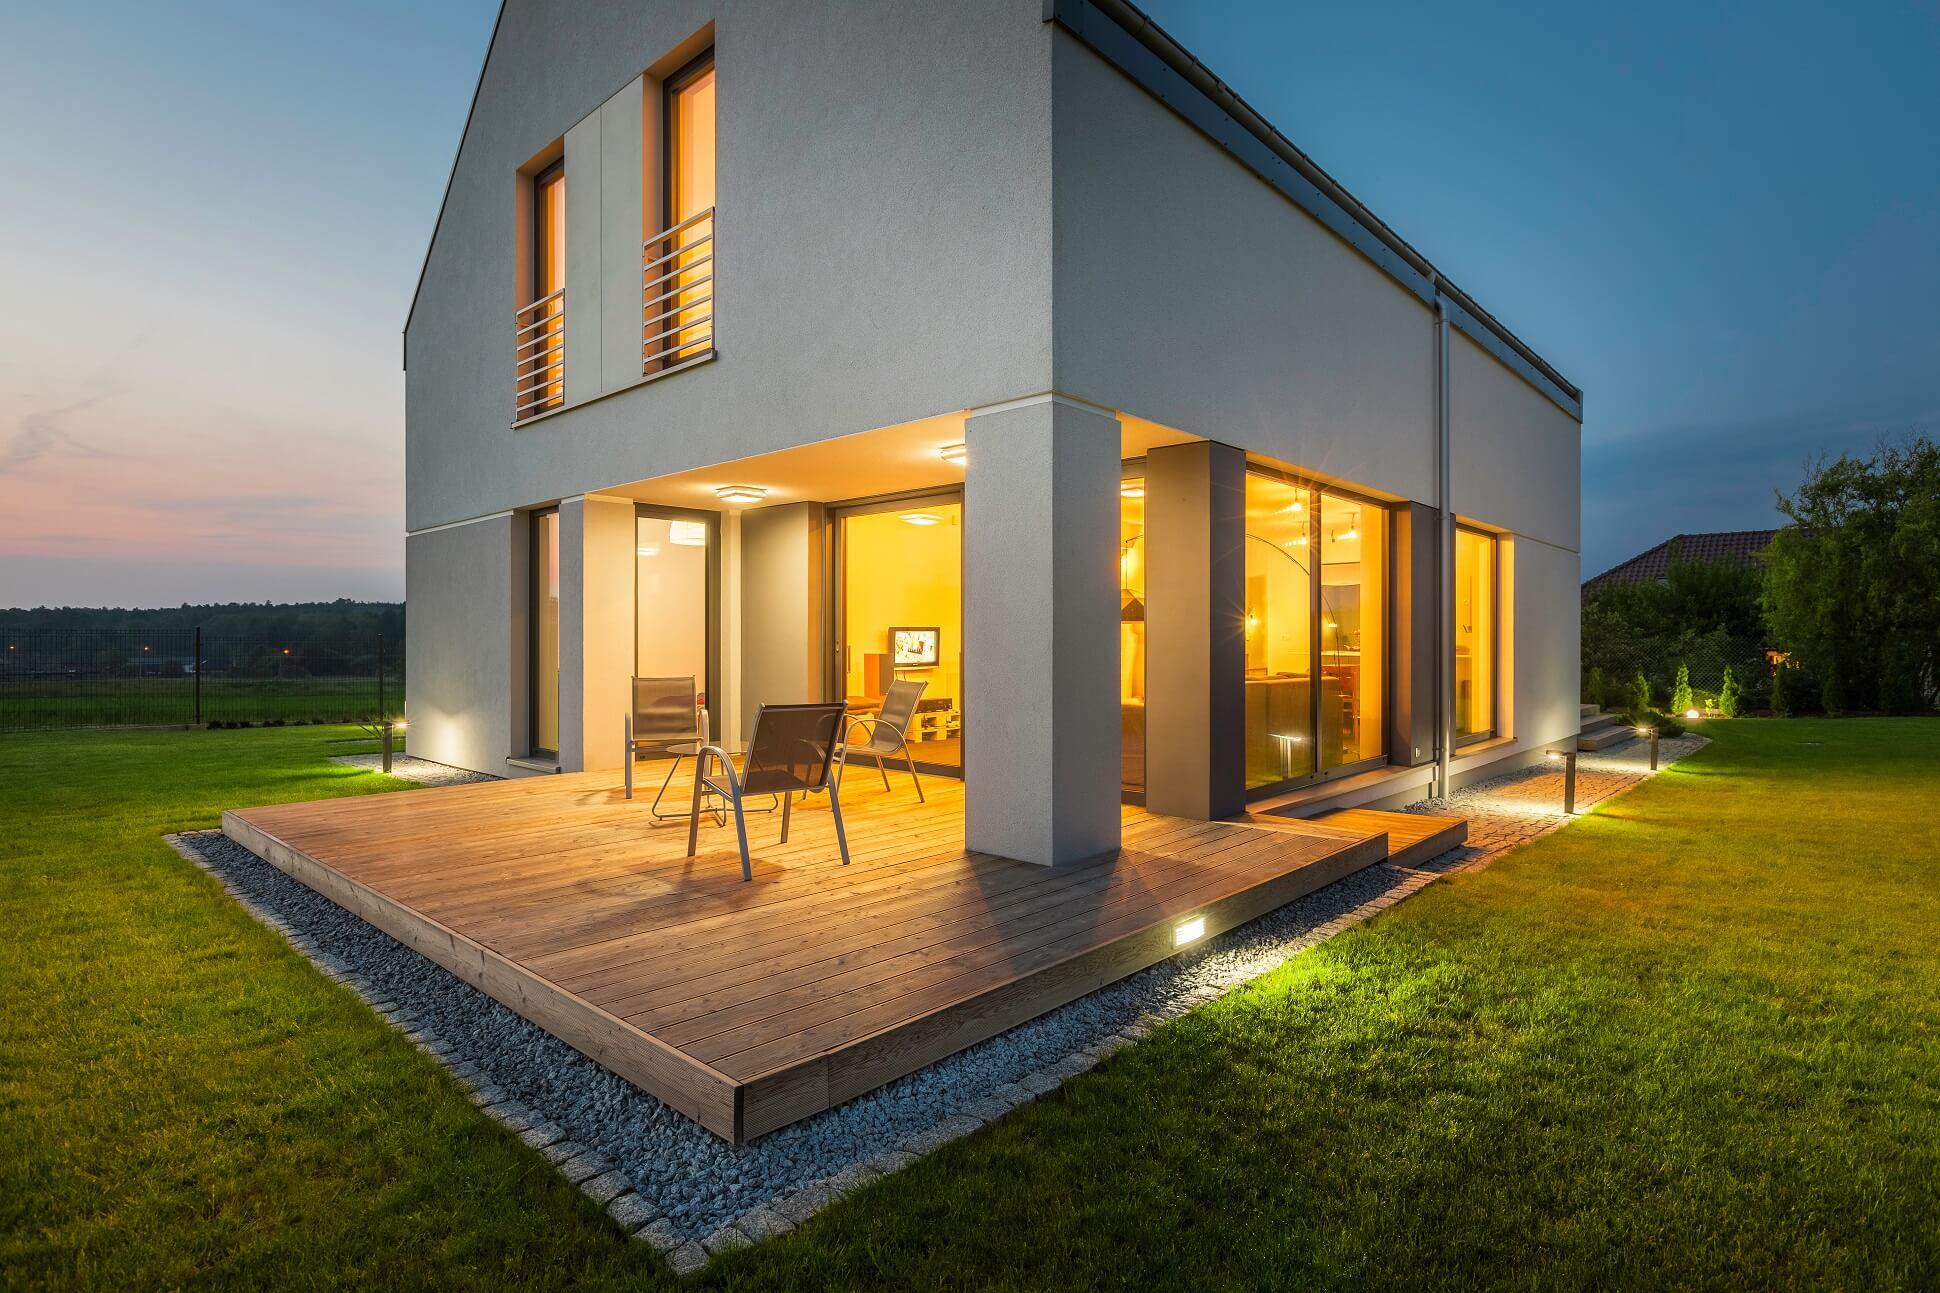 projektowanie-domow-jednorodzinnych (1)